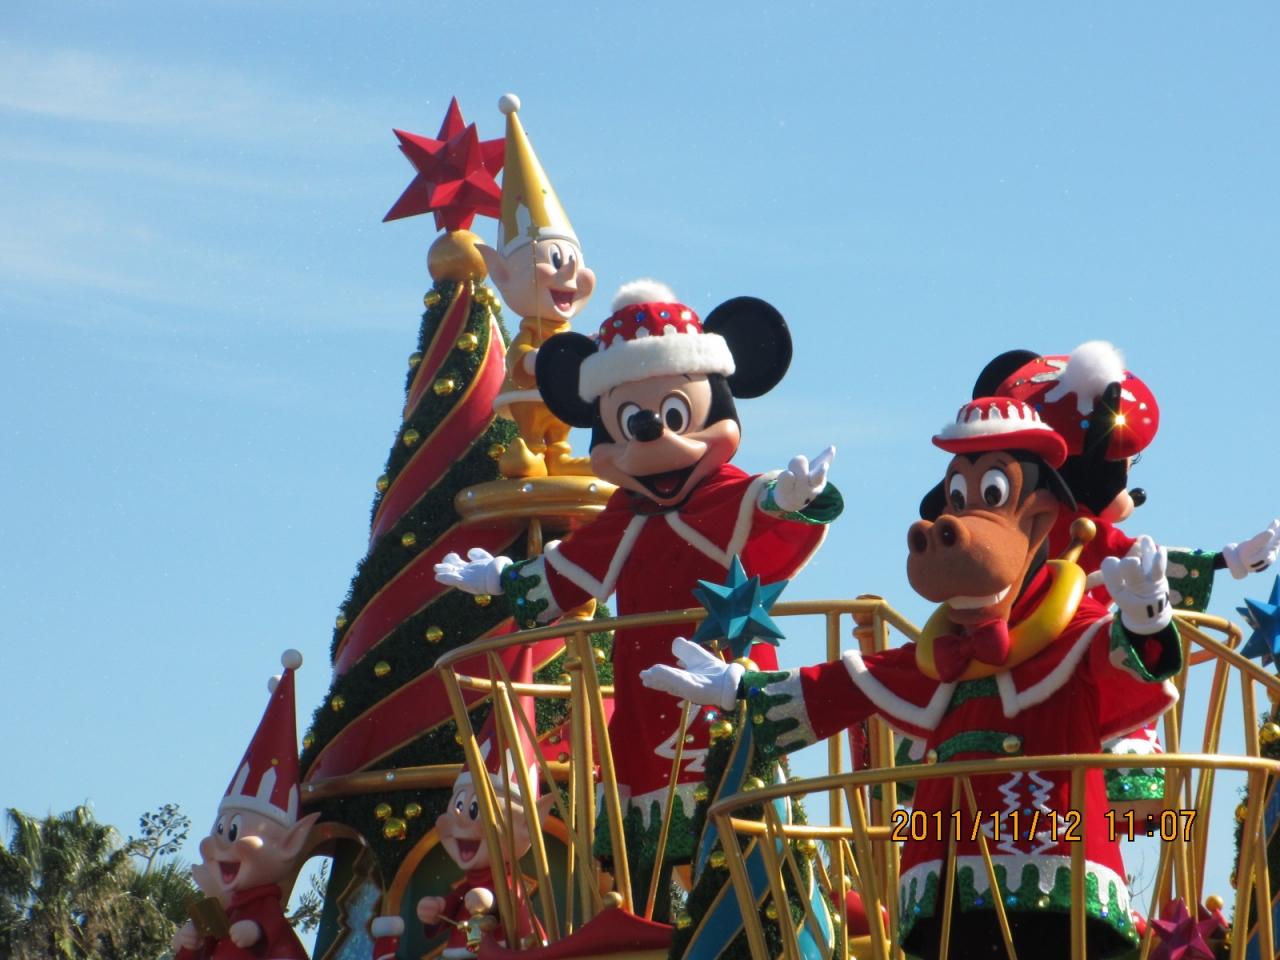 ディズニー2011年11月』東京ディズニーリゾート(千葉県)の旅行記